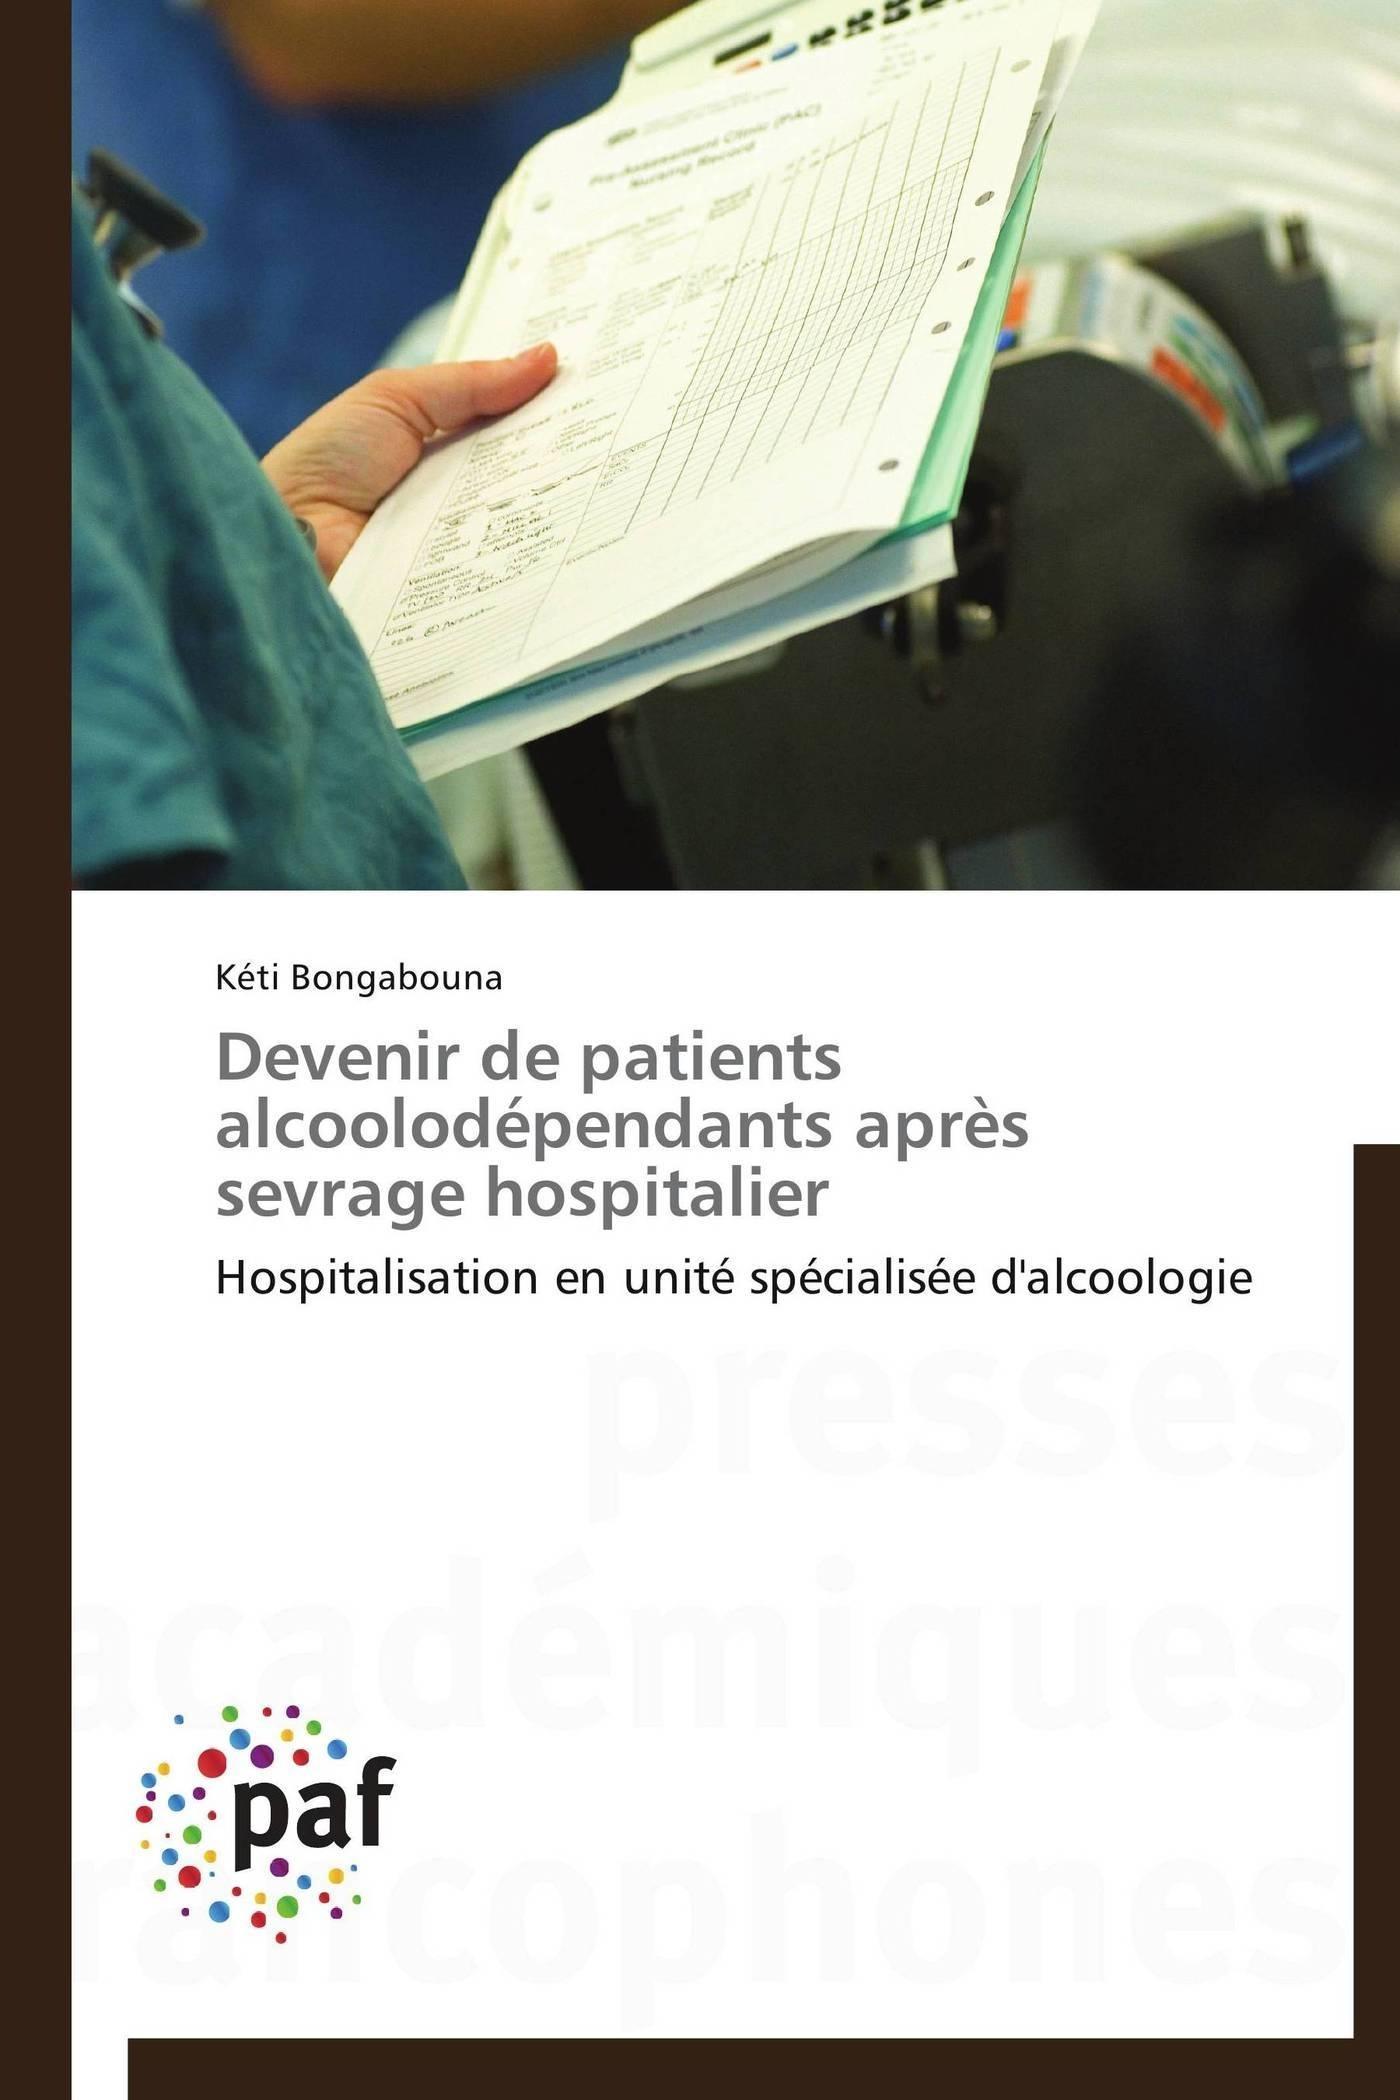 DEVENIR DE PATIENTS ALCOOLODEPENDANTS APRES SEVRAGE HOSPITALIER